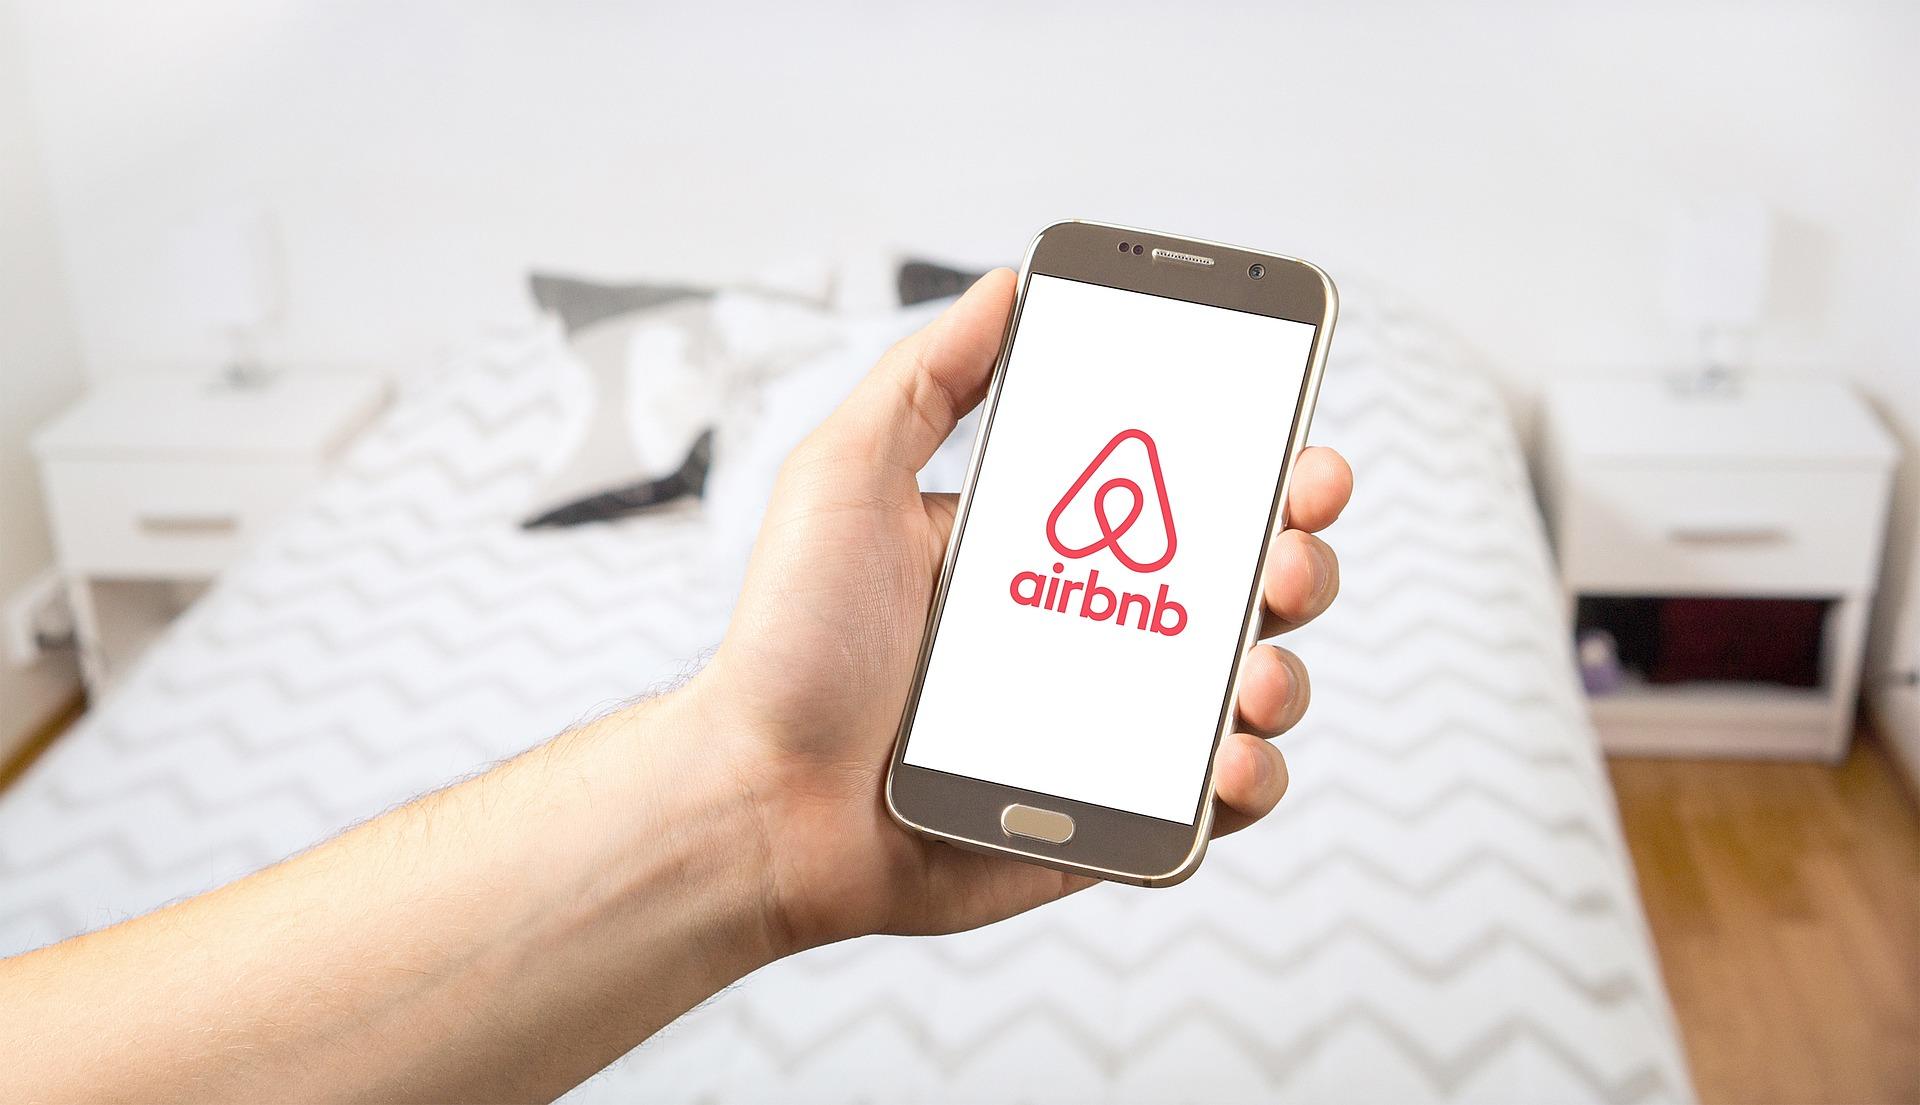 Des caméras avaient été cachées dans une location — Airbnb